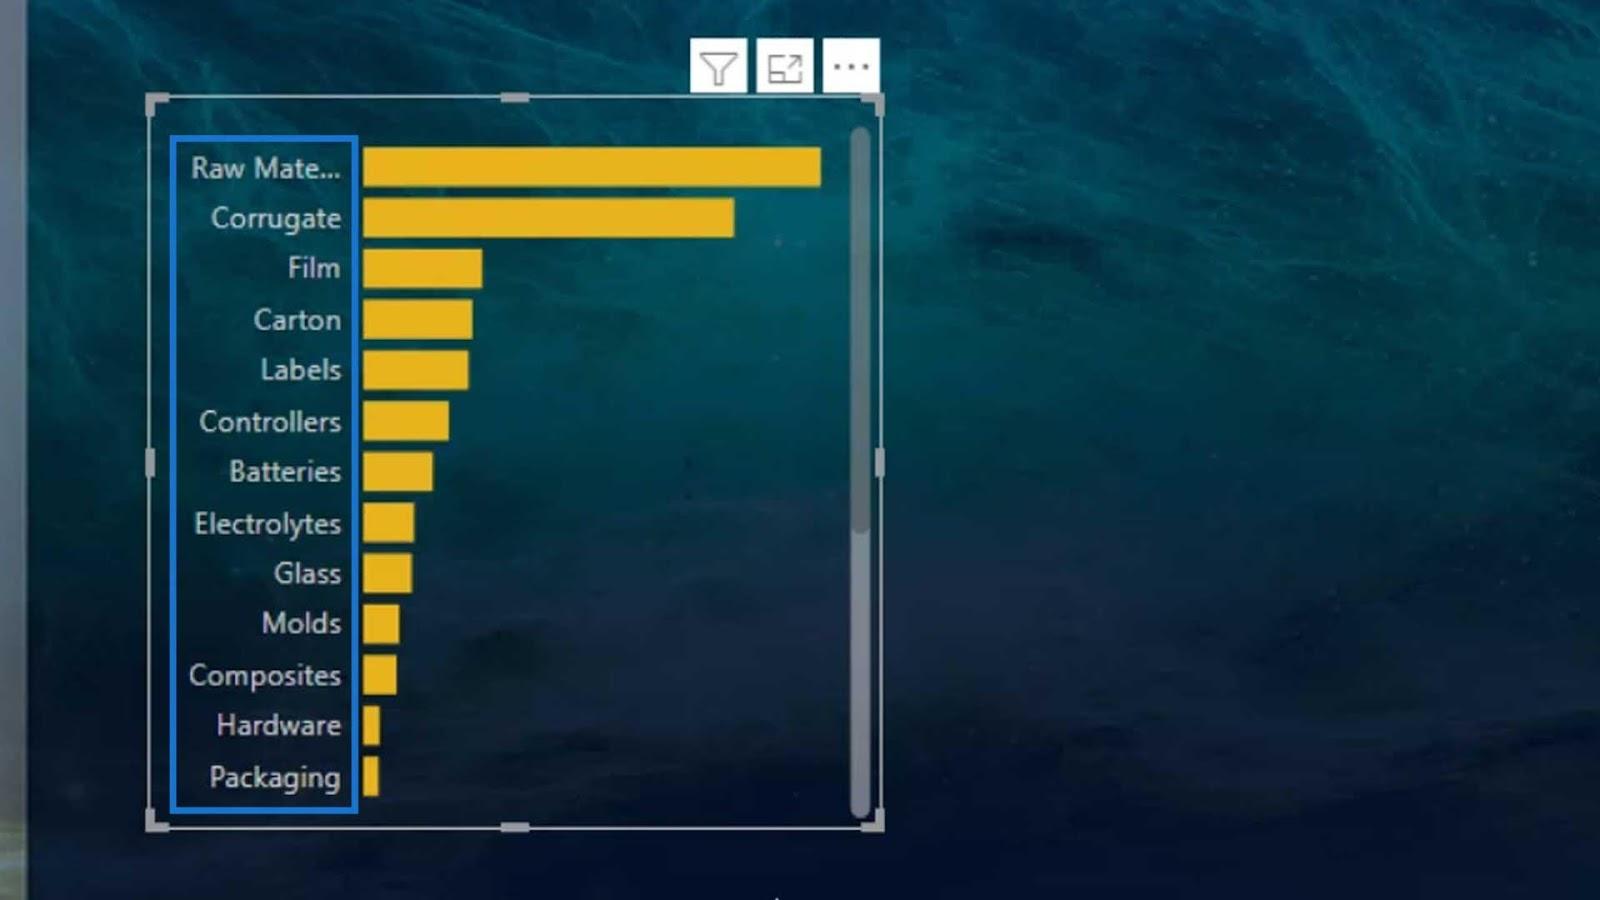 Custom Bar Chart in Power BI